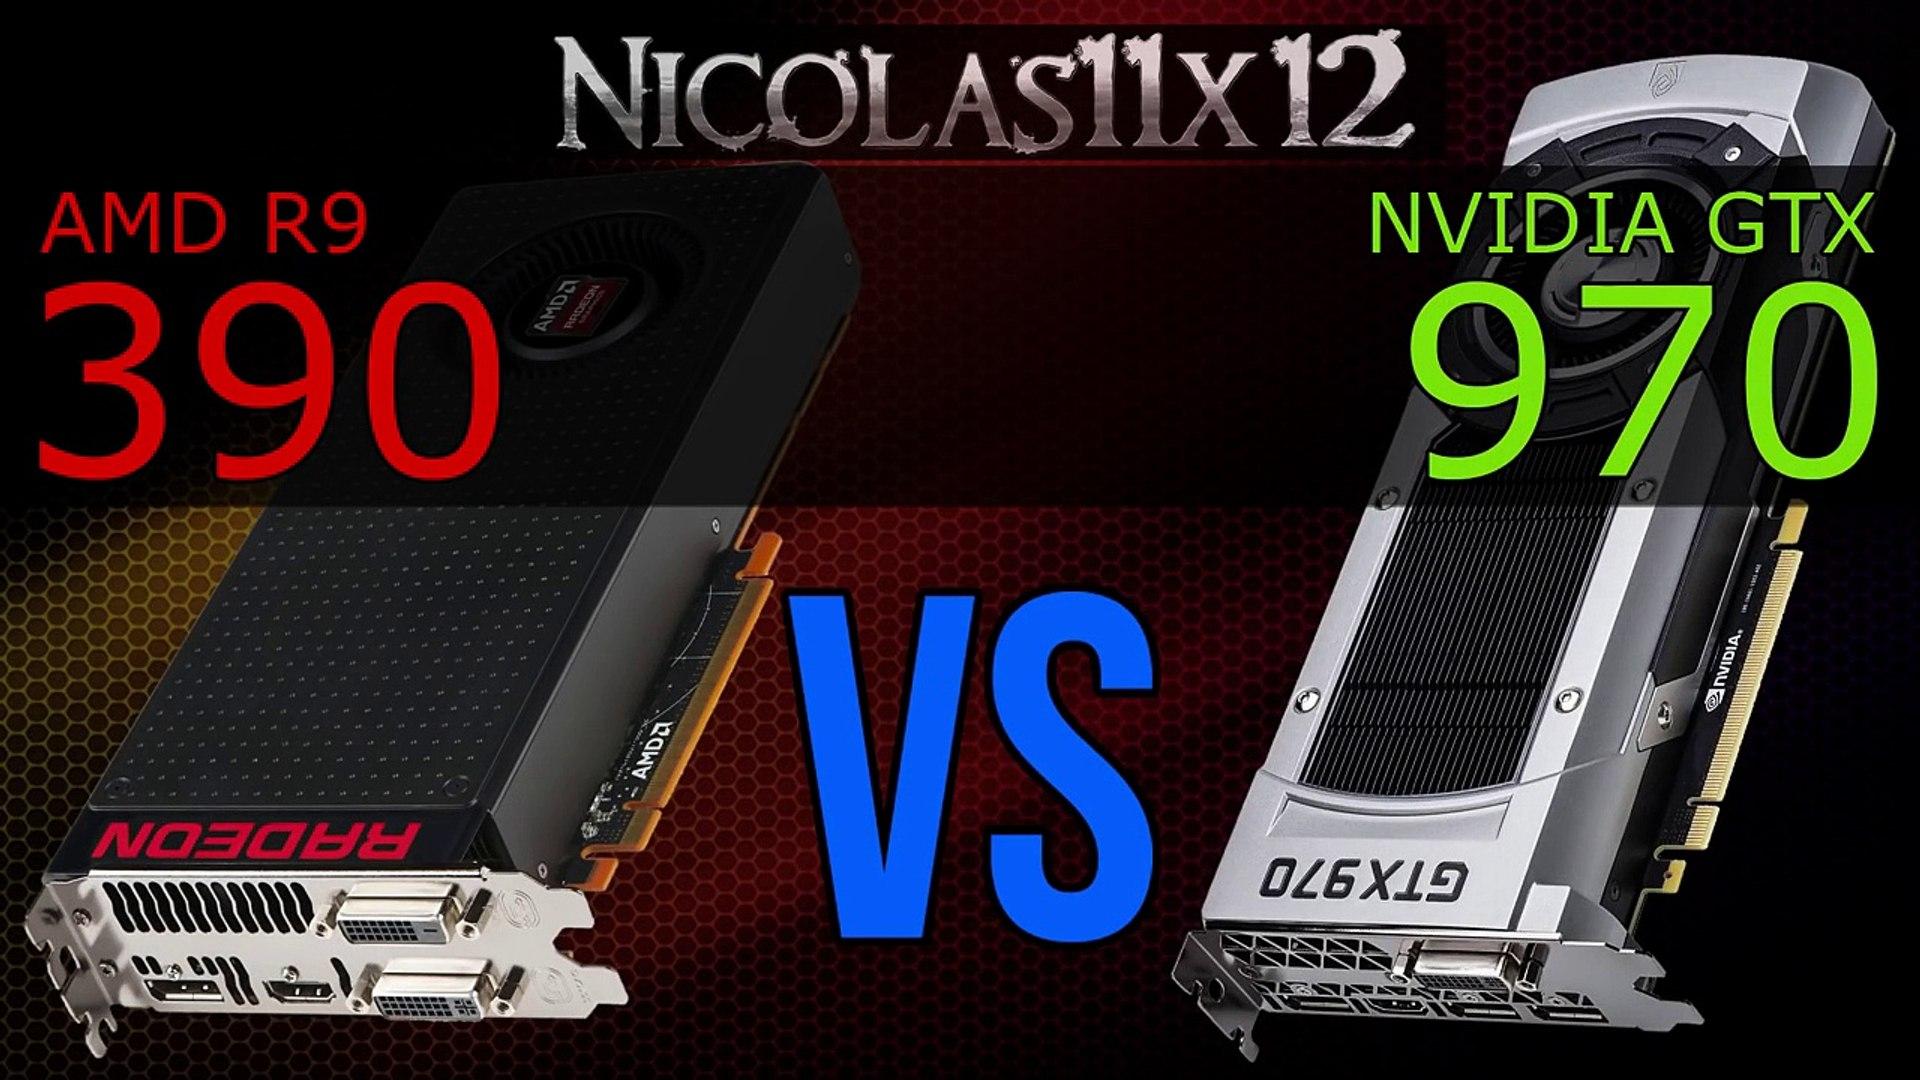 AMD R9 390 vs NVIDIA GTX 970